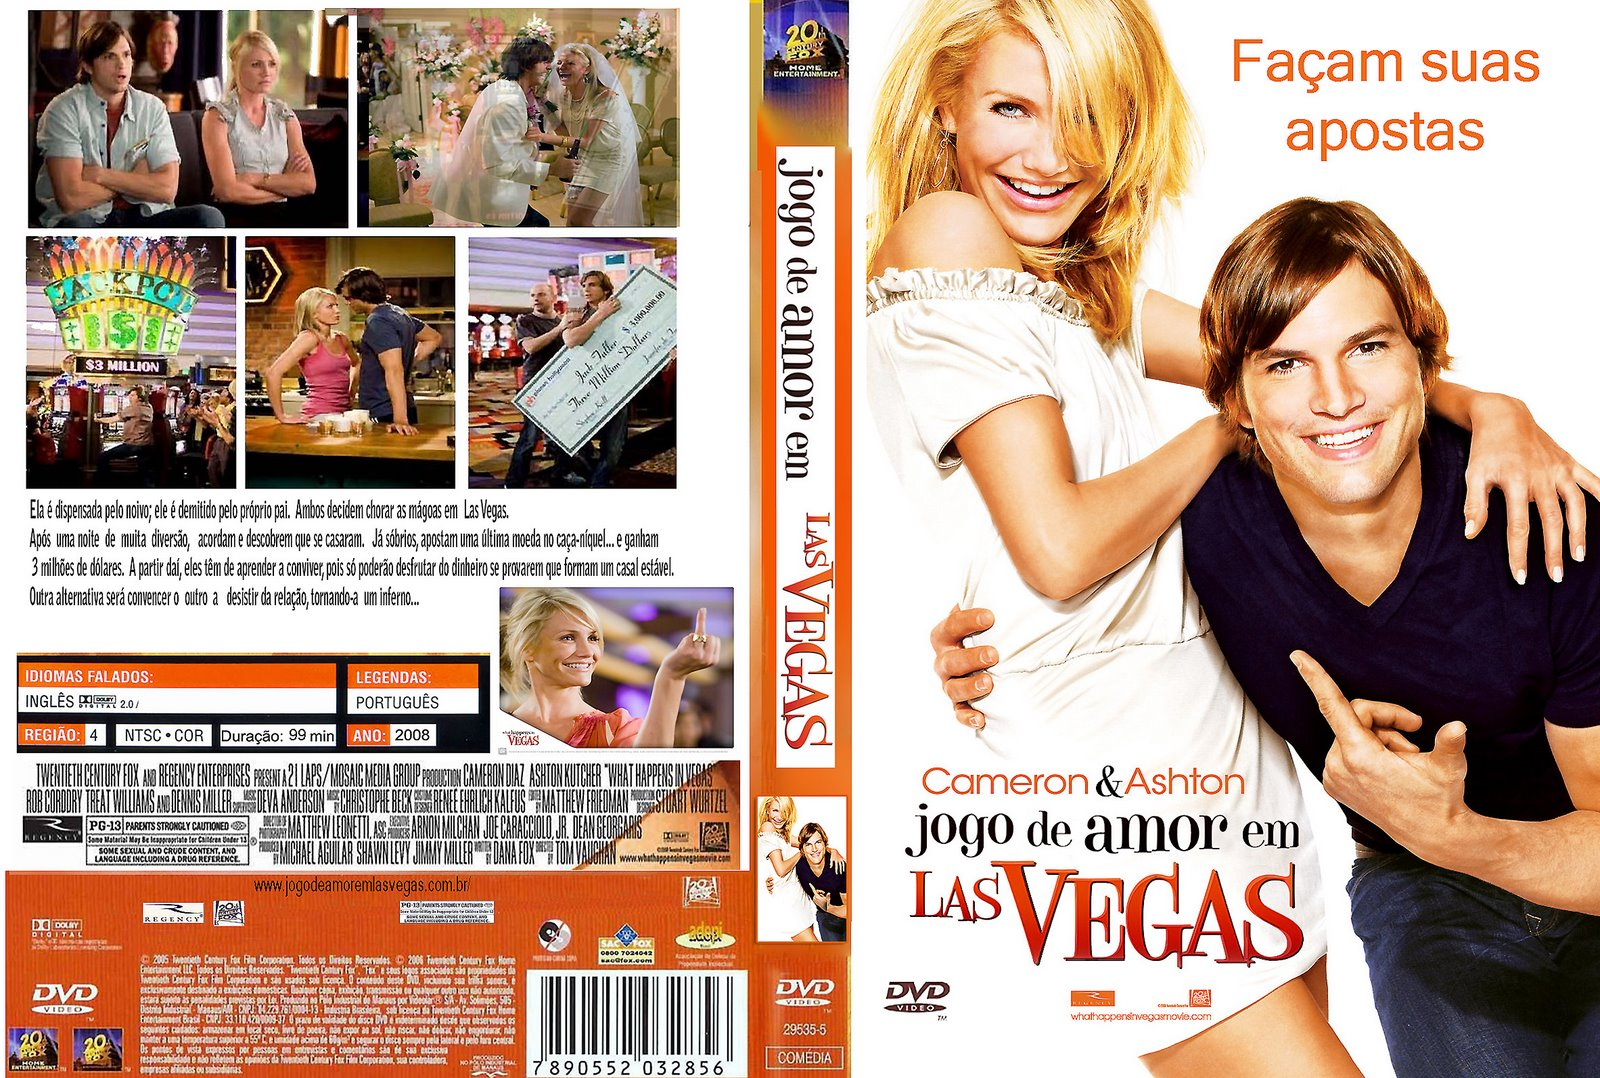 http://3.bp.blogspot.com/_eoutIDi4zcY/S8OgfvCzjuI/AAAAAAAAATM/Ik9JTgzibzw/s1600/Jogo+De+Amor+Em+Las+Vegas.jpg